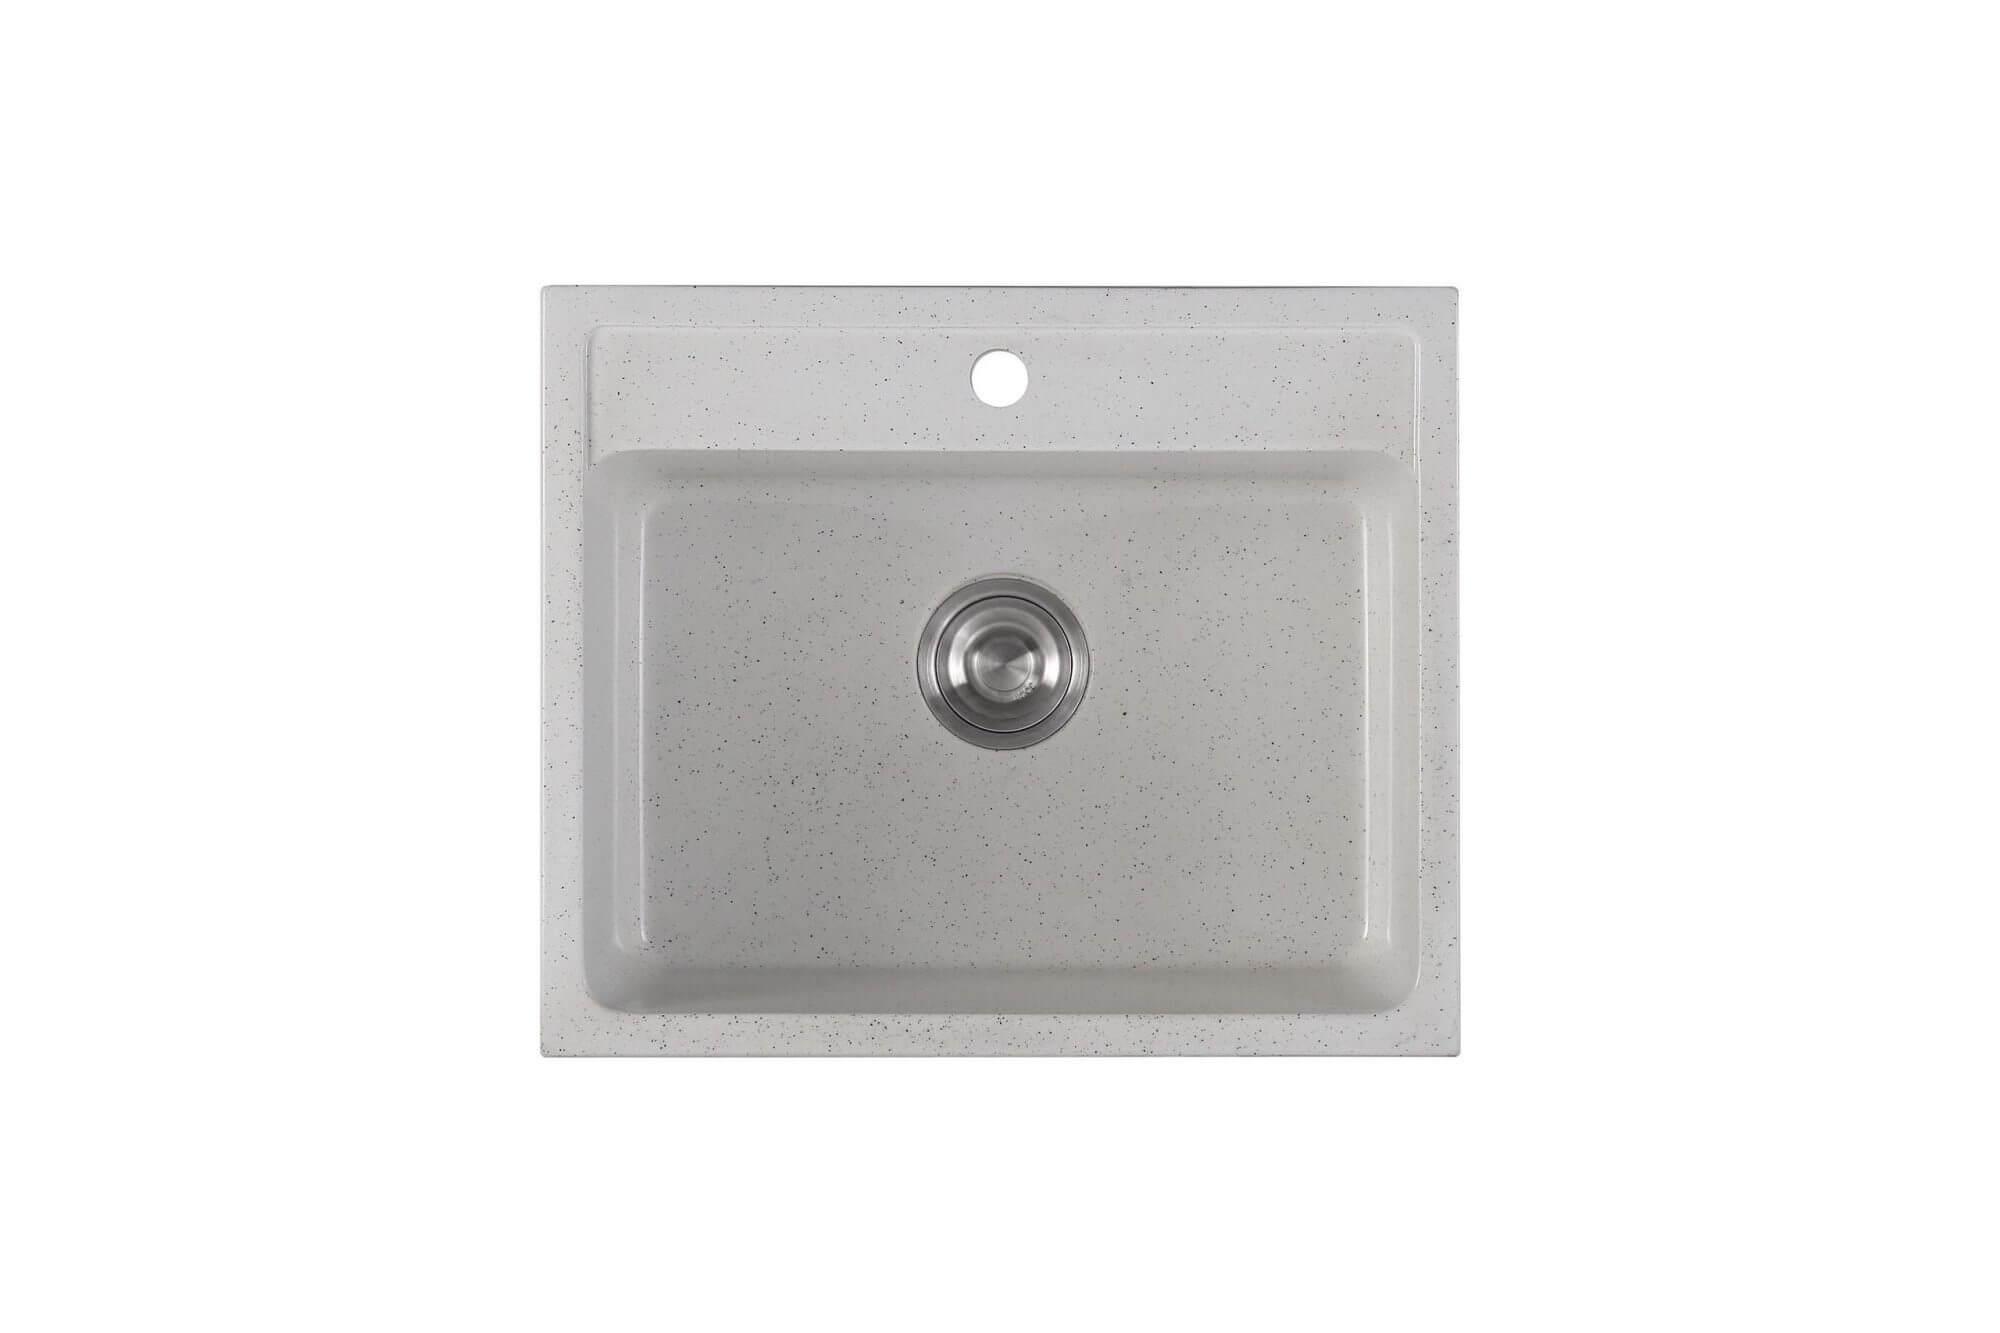 Chậu rửa chén 1 hộc đá nhân tạo IR-5647 6